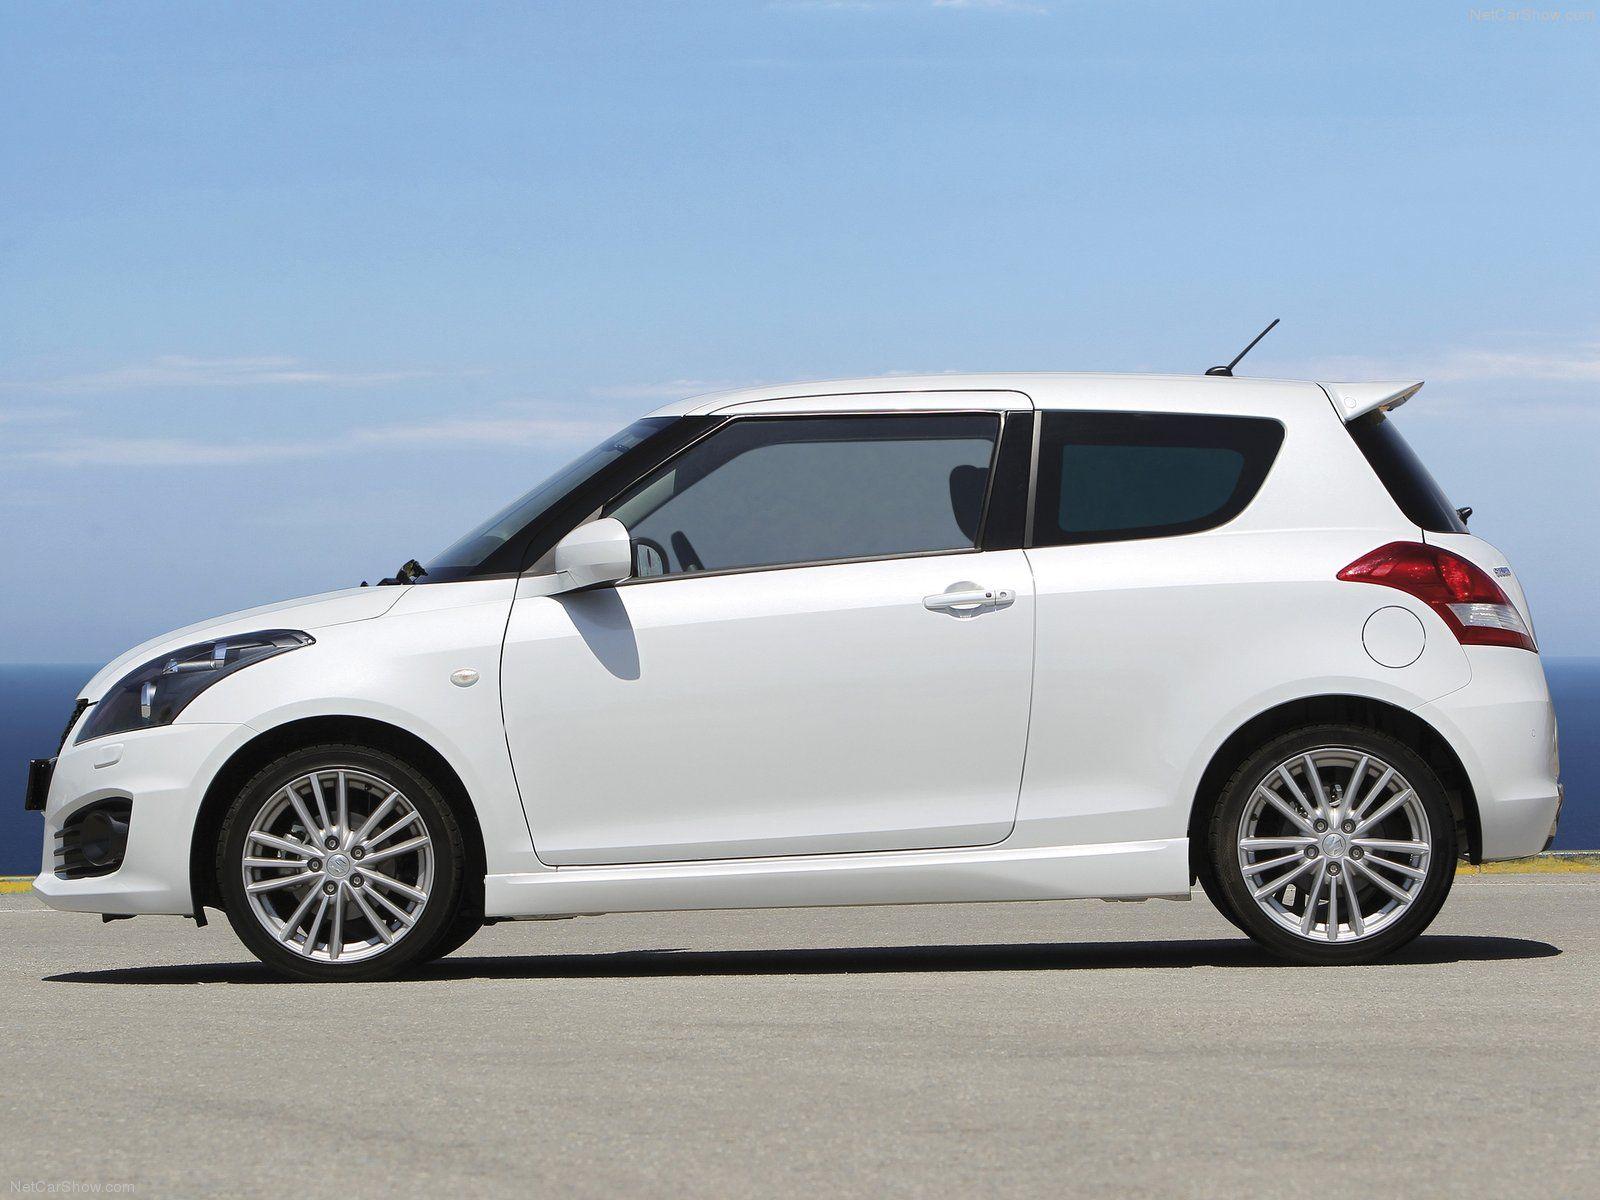 Ford Fiesta   Ti Vct Suzuki Swift Sport Head To Head